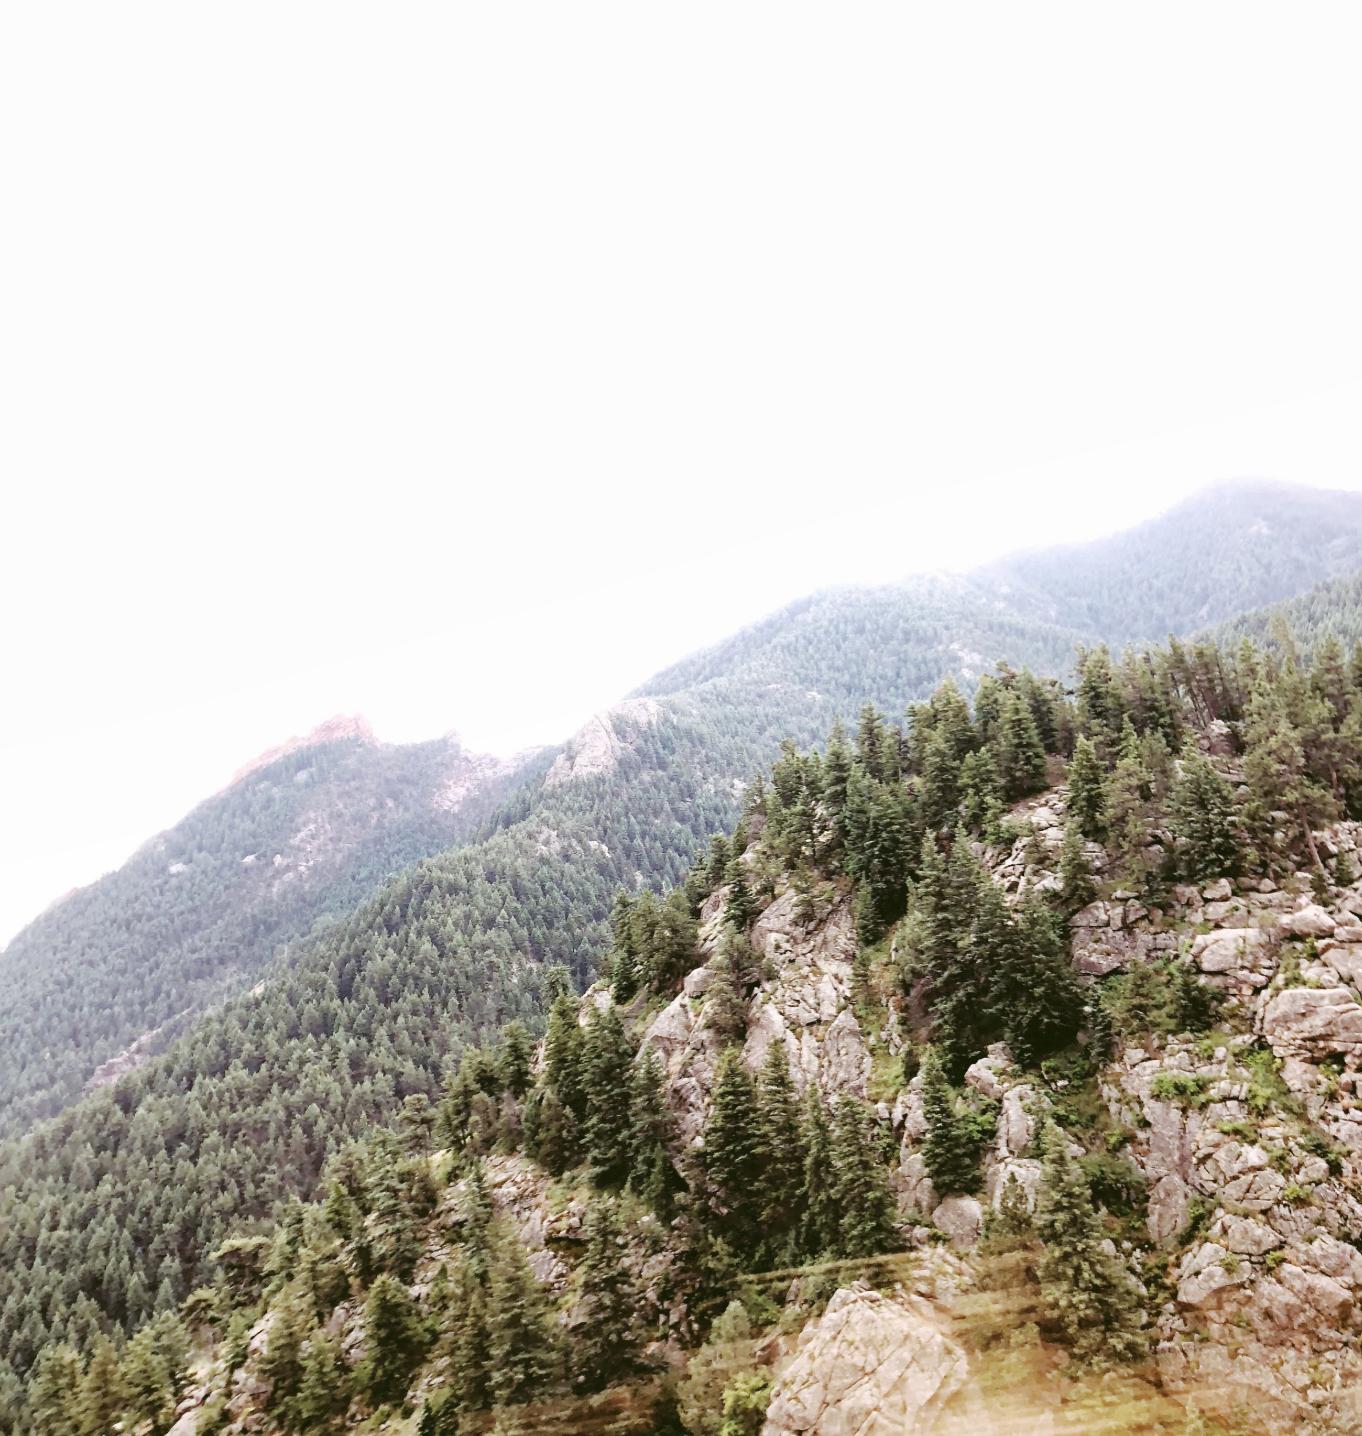 my summer in boulder, colorado